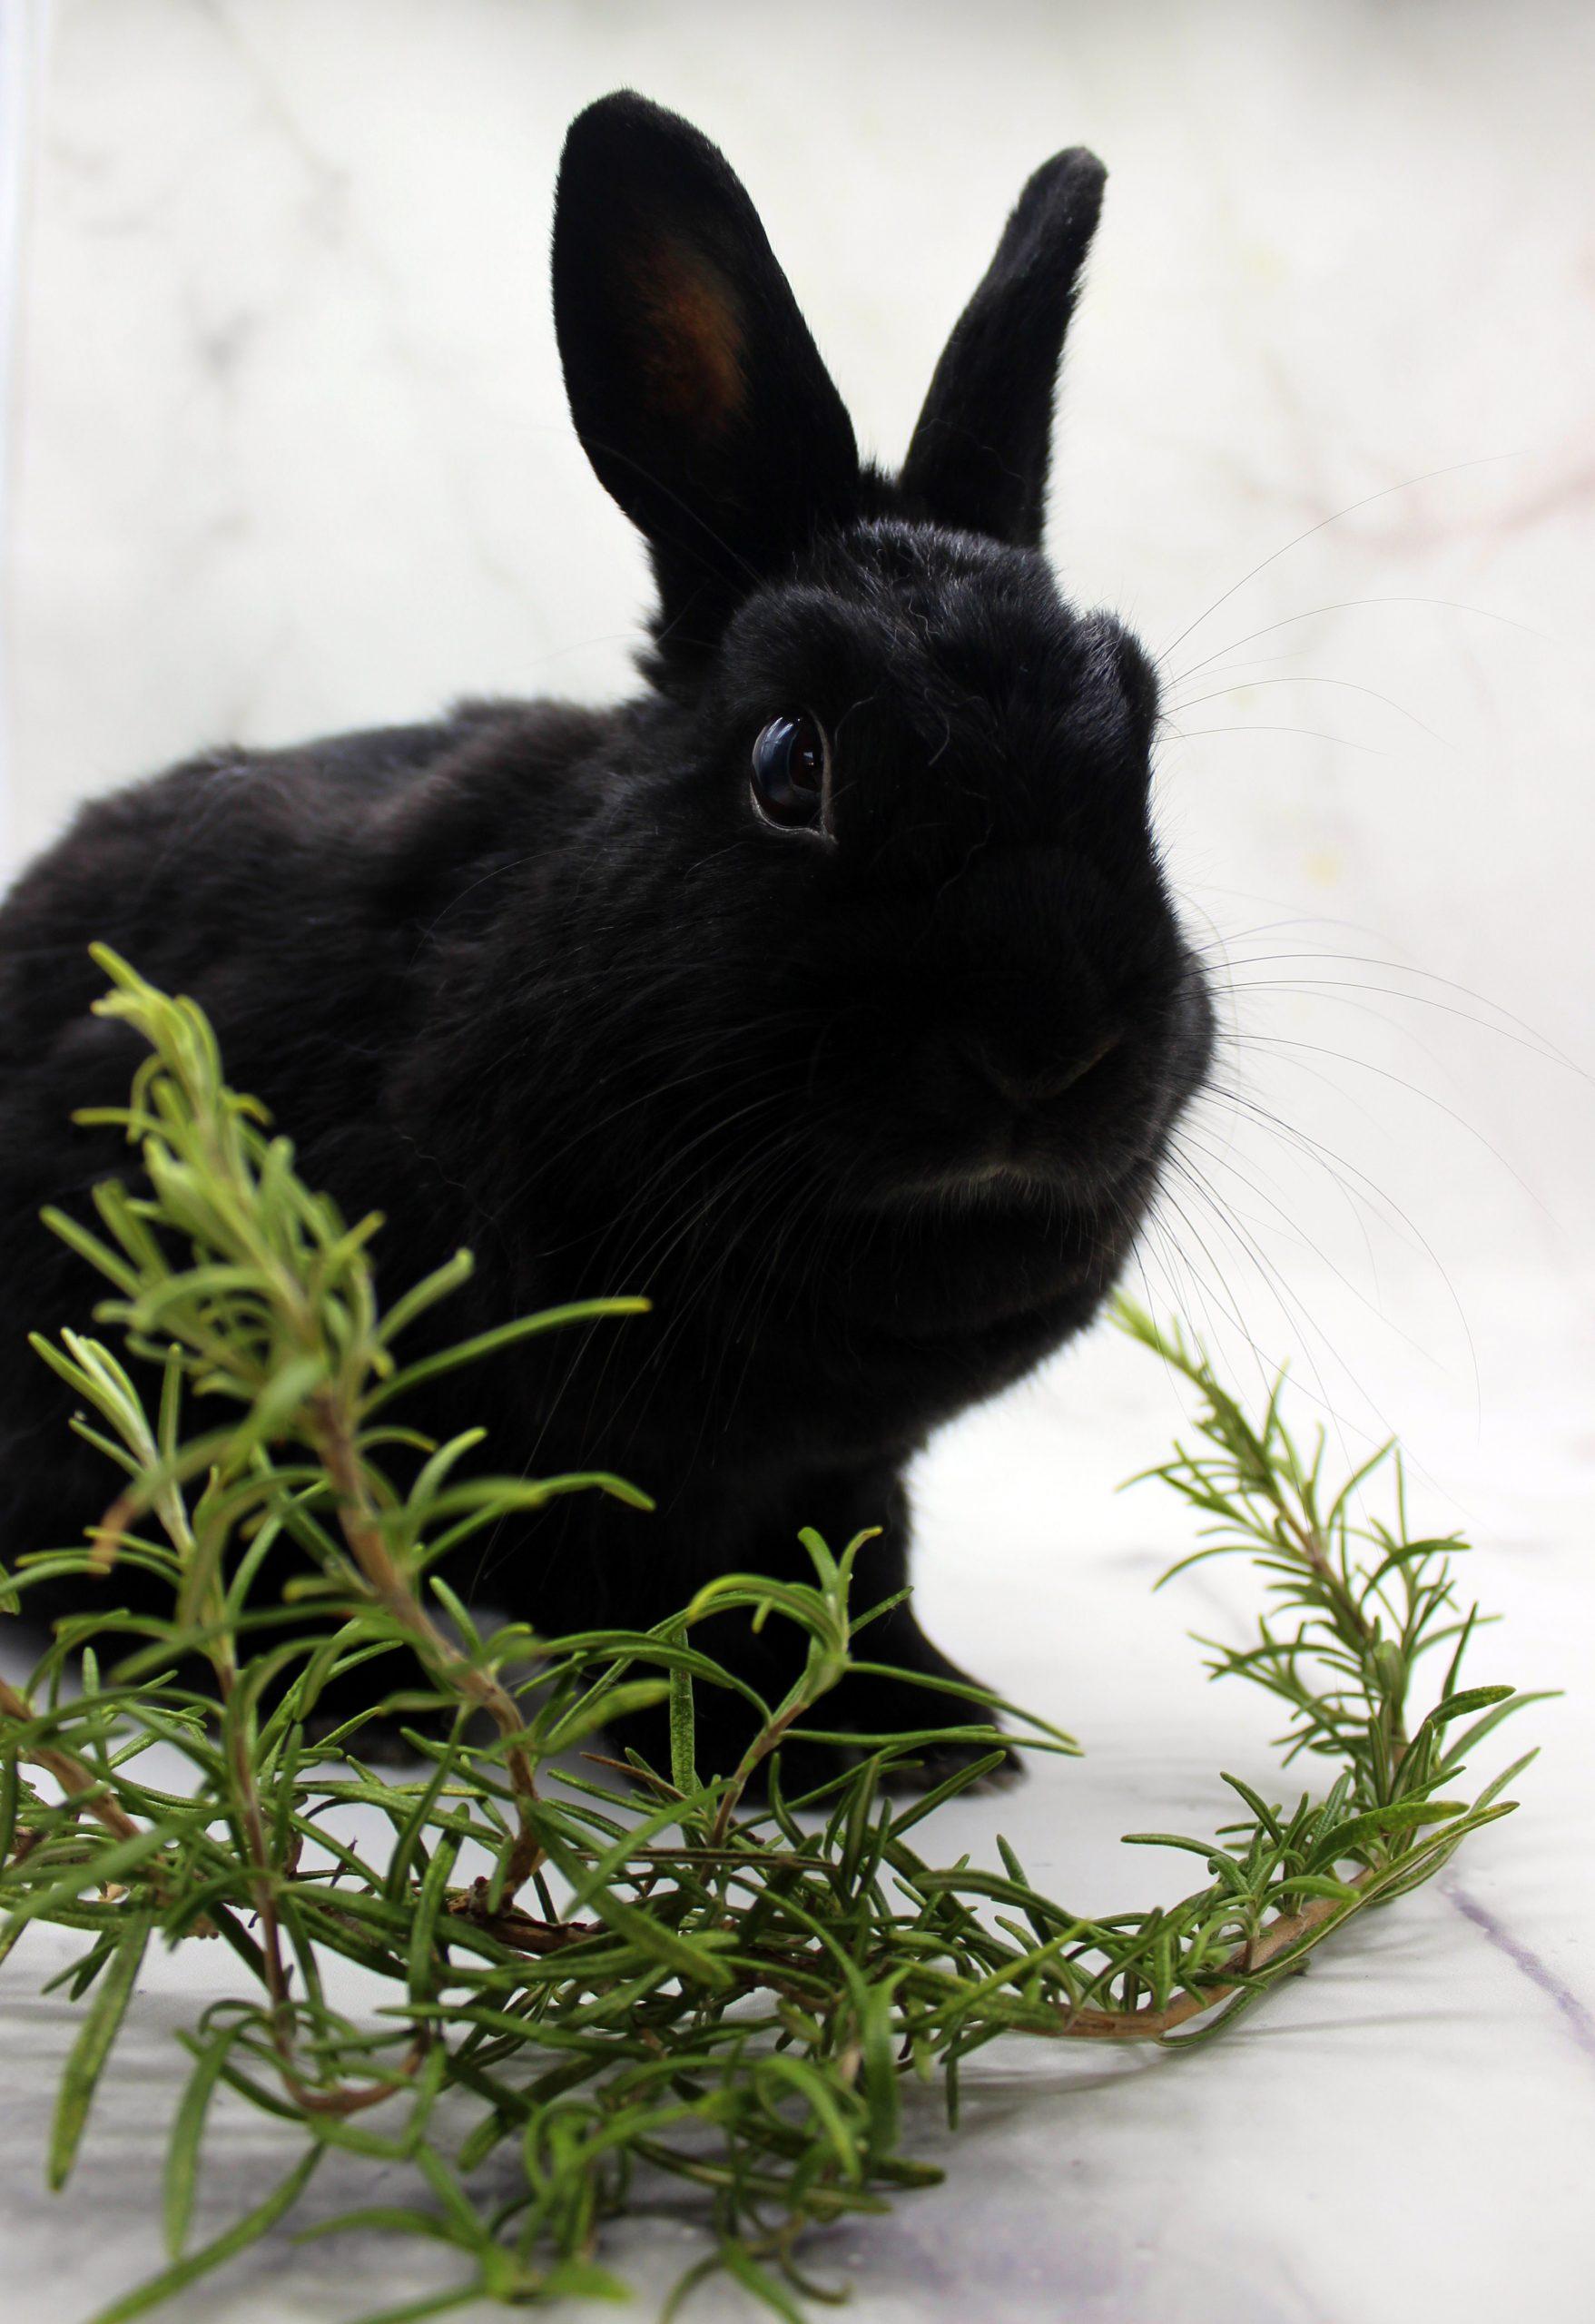 Piccola coniglietta nera